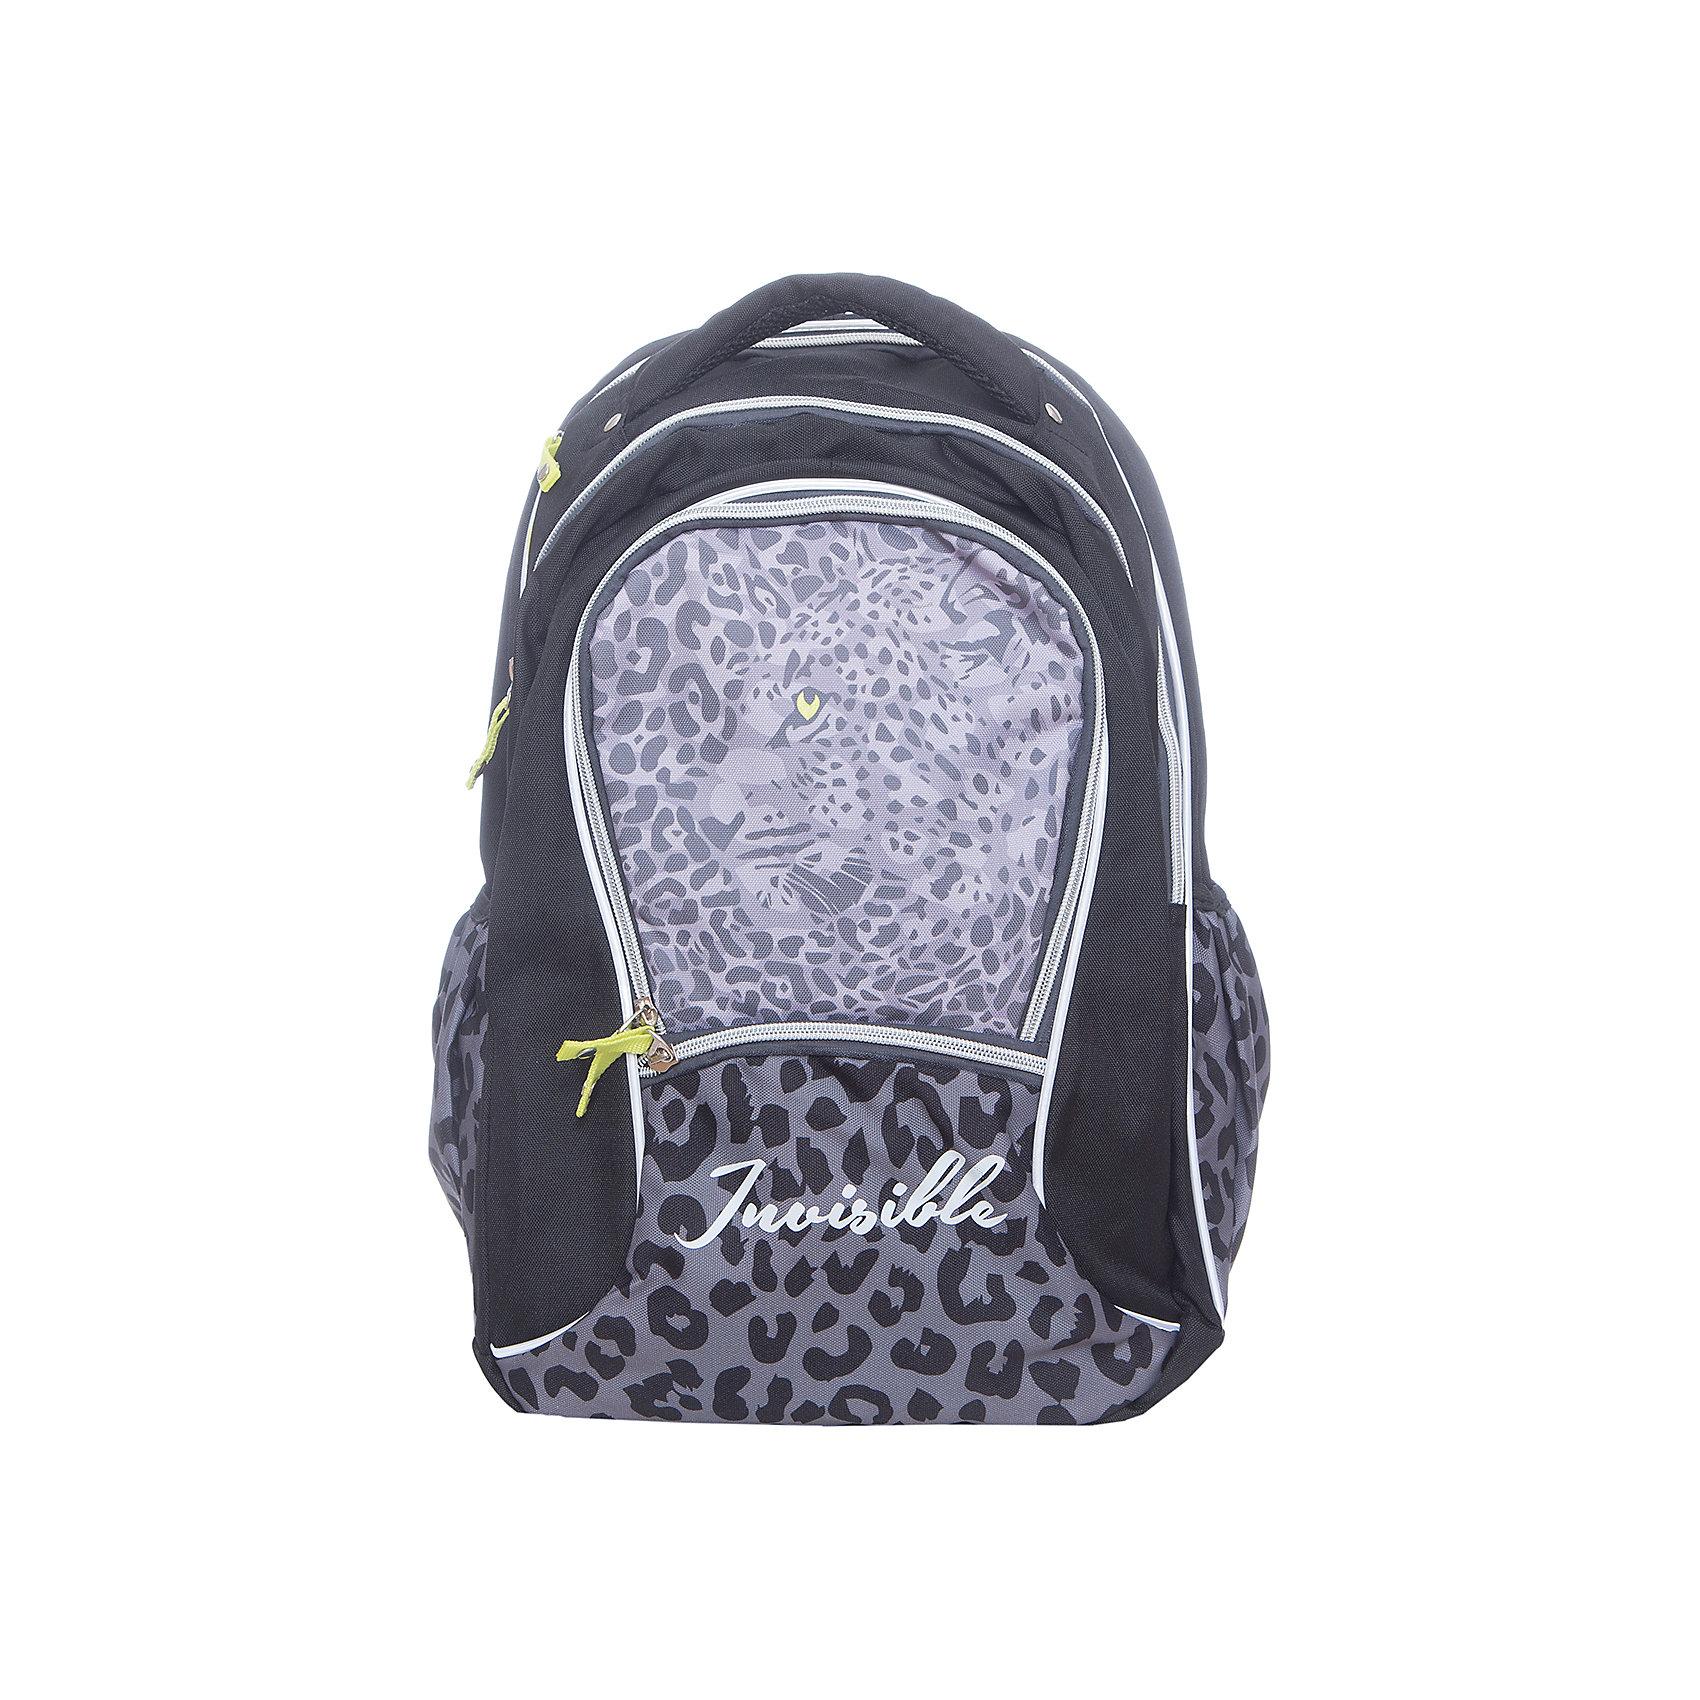 Рюкзак школьный Erich KrauseLeopardРюкзаки<br>Характеристики товара:<br><br>• цвет: черный<br>• коллекция: Leopard<br>• для средней и старшей школы<br>• цвет: черный, мульти<br>• материал: полиэстер, пластик<br>• спинка: эргономичная<br>• размер изделия: 43х30х15 см<br>• вес в кг: 550гр<br>• страна бренда: Германия<br>• страна изготовитель: Китай<br><br>Школьный рюкзак Erich Krause - практичный и вместительный рюкзак с эргономичной спинкой. <br><br>Рюкзак разделен на 2 отделения. Спереди один большой карман на молнии для пенала или блокнотов, а также небольшой кармашек для мелочей. По бокам сетчатые карманы на резинке. <br><br>Рюкзак выполнен из прочного износостойкого полиэстера с водотталкивающей пропиткой. Дно оснащено пластиковыми ножками для устойчивости на поверхности и защиты от загрязнения. Светоотражающие элементы гарантируют видимость при перемещении на темной дороге.<br><br>Erich Krause Рюкзак школьный Leopard можно купить в нашем интернет-магазине.<br><br>Ширина мм: 400<br>Глубина мм: 390<br>Высота мм: 180<br>Вес г: 660<br>Возраст от месяцев: 72<br>Возраст до месяцев: 168<br>Пол: Женский<br>Возраст: Детский<br>SKU: 6842697